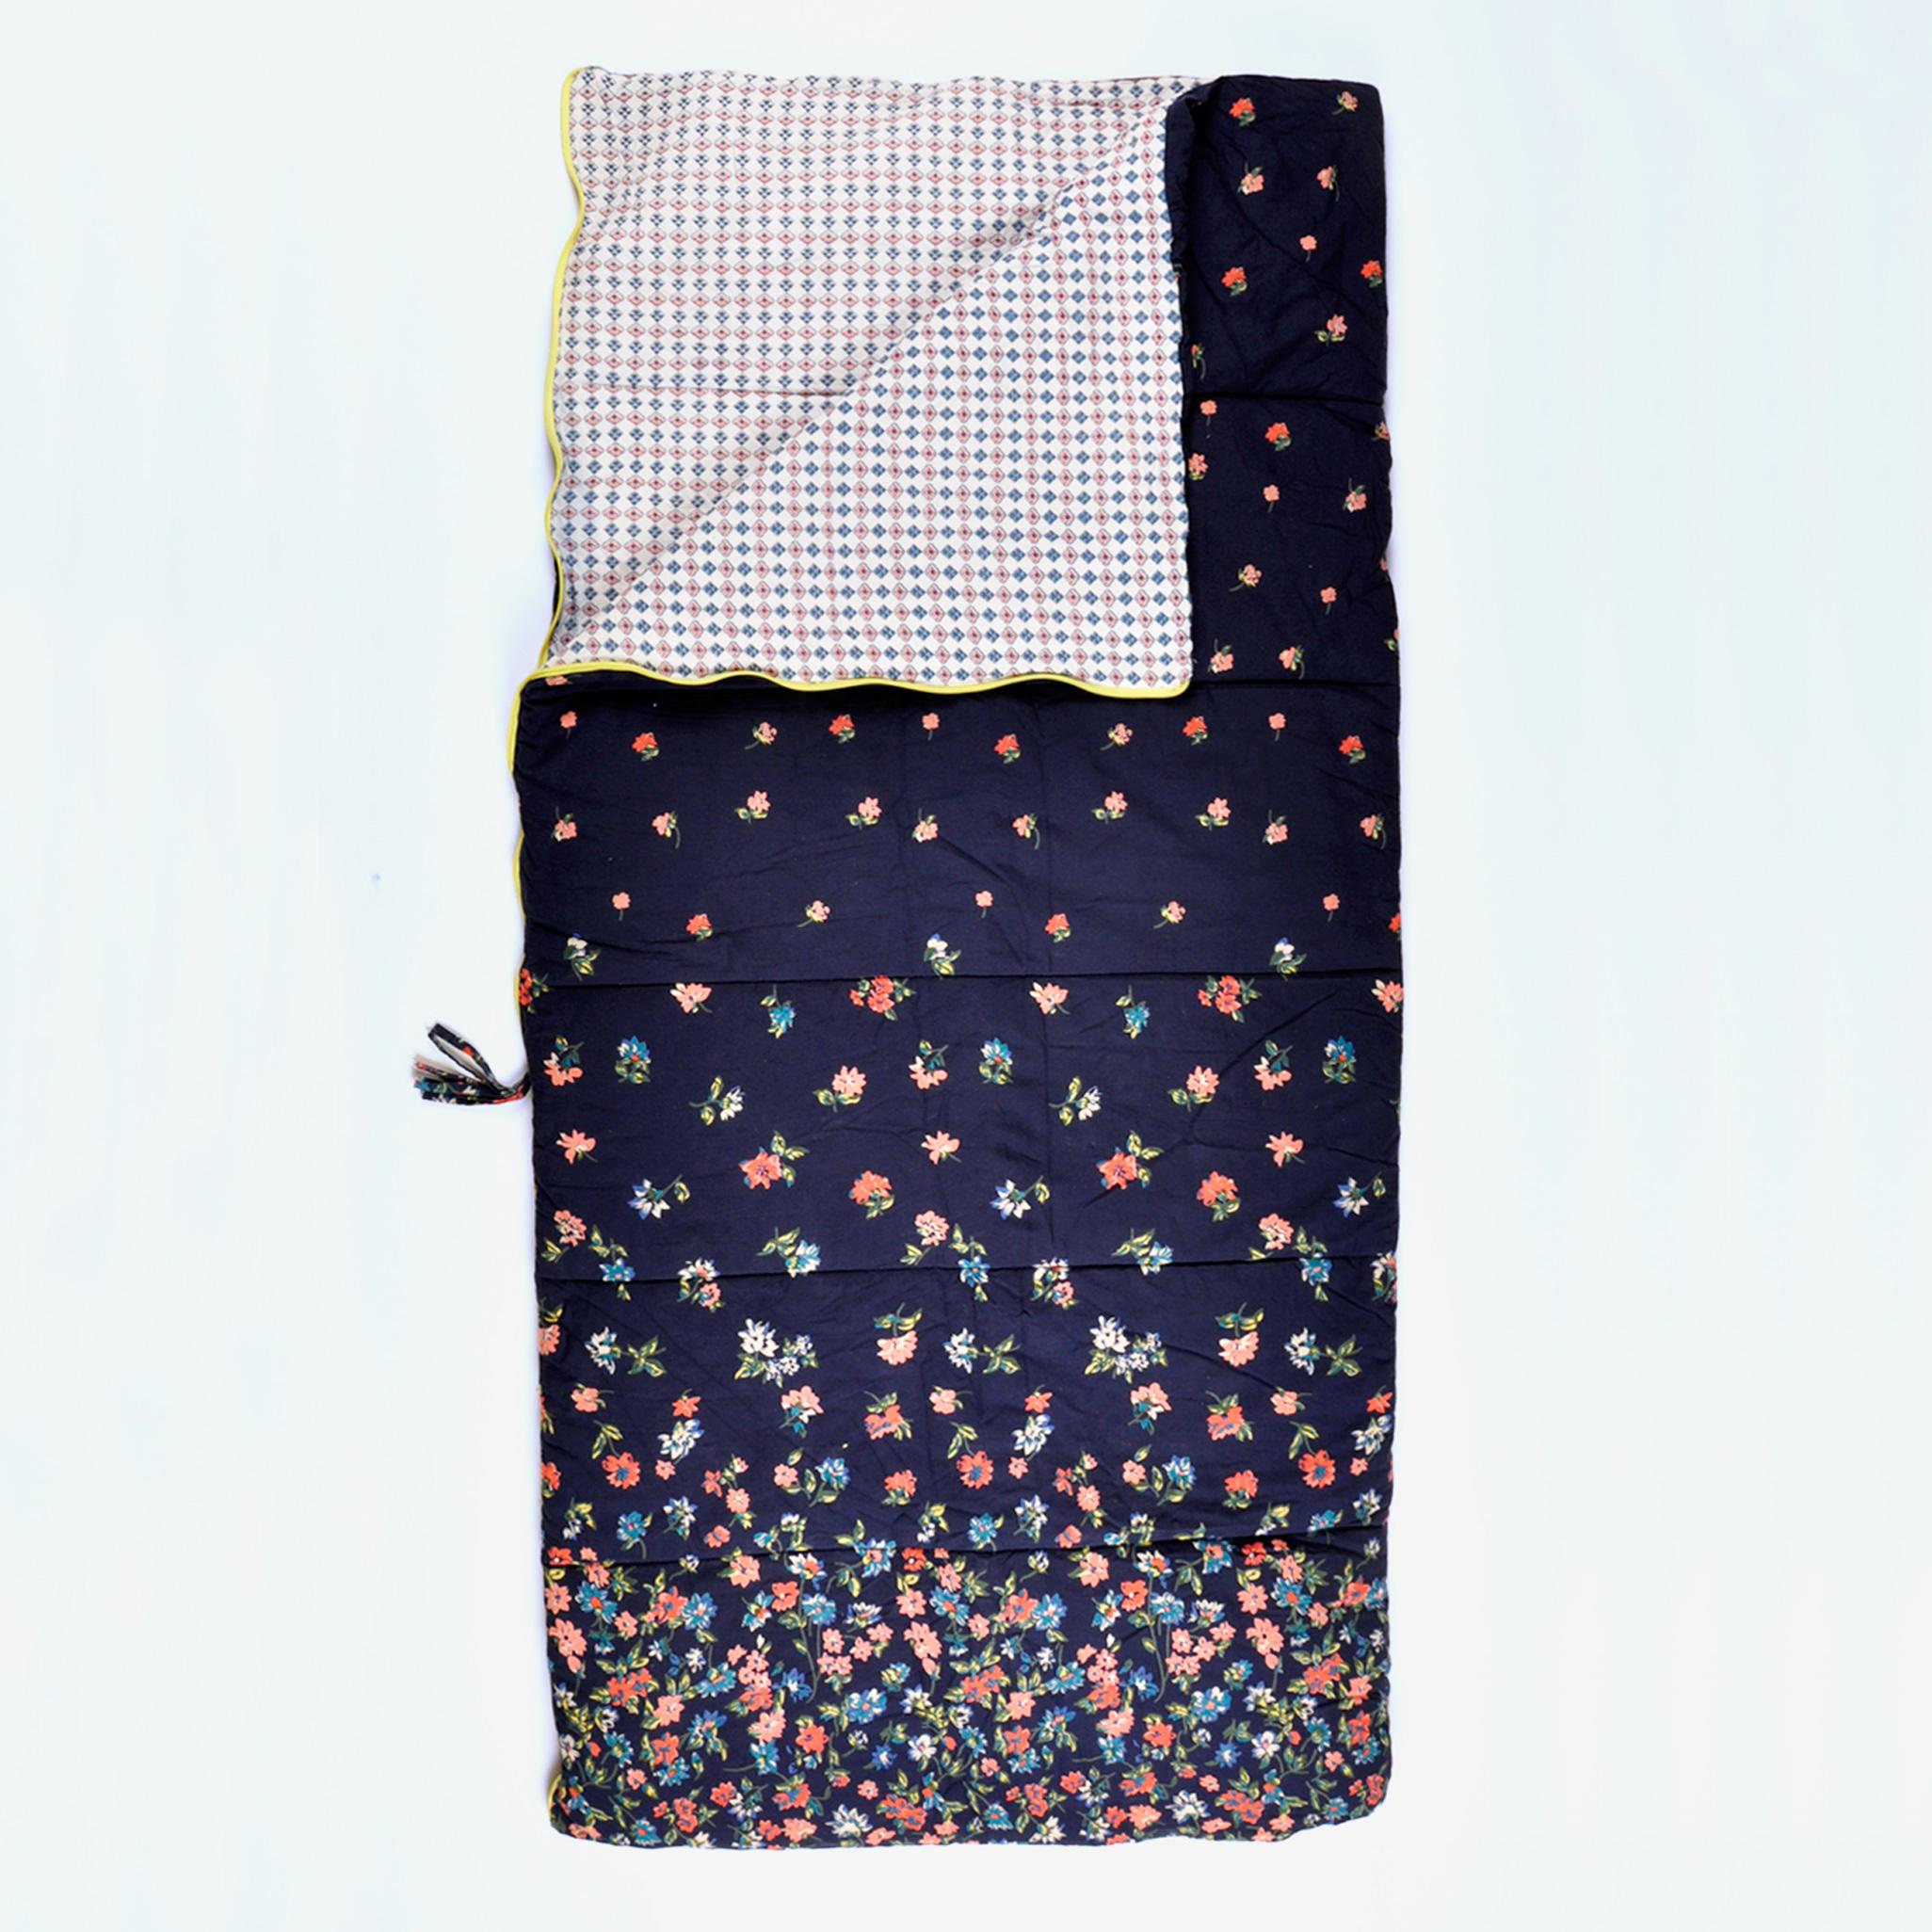 Fly Away Floral single Sleeping Beauties sleeping bag